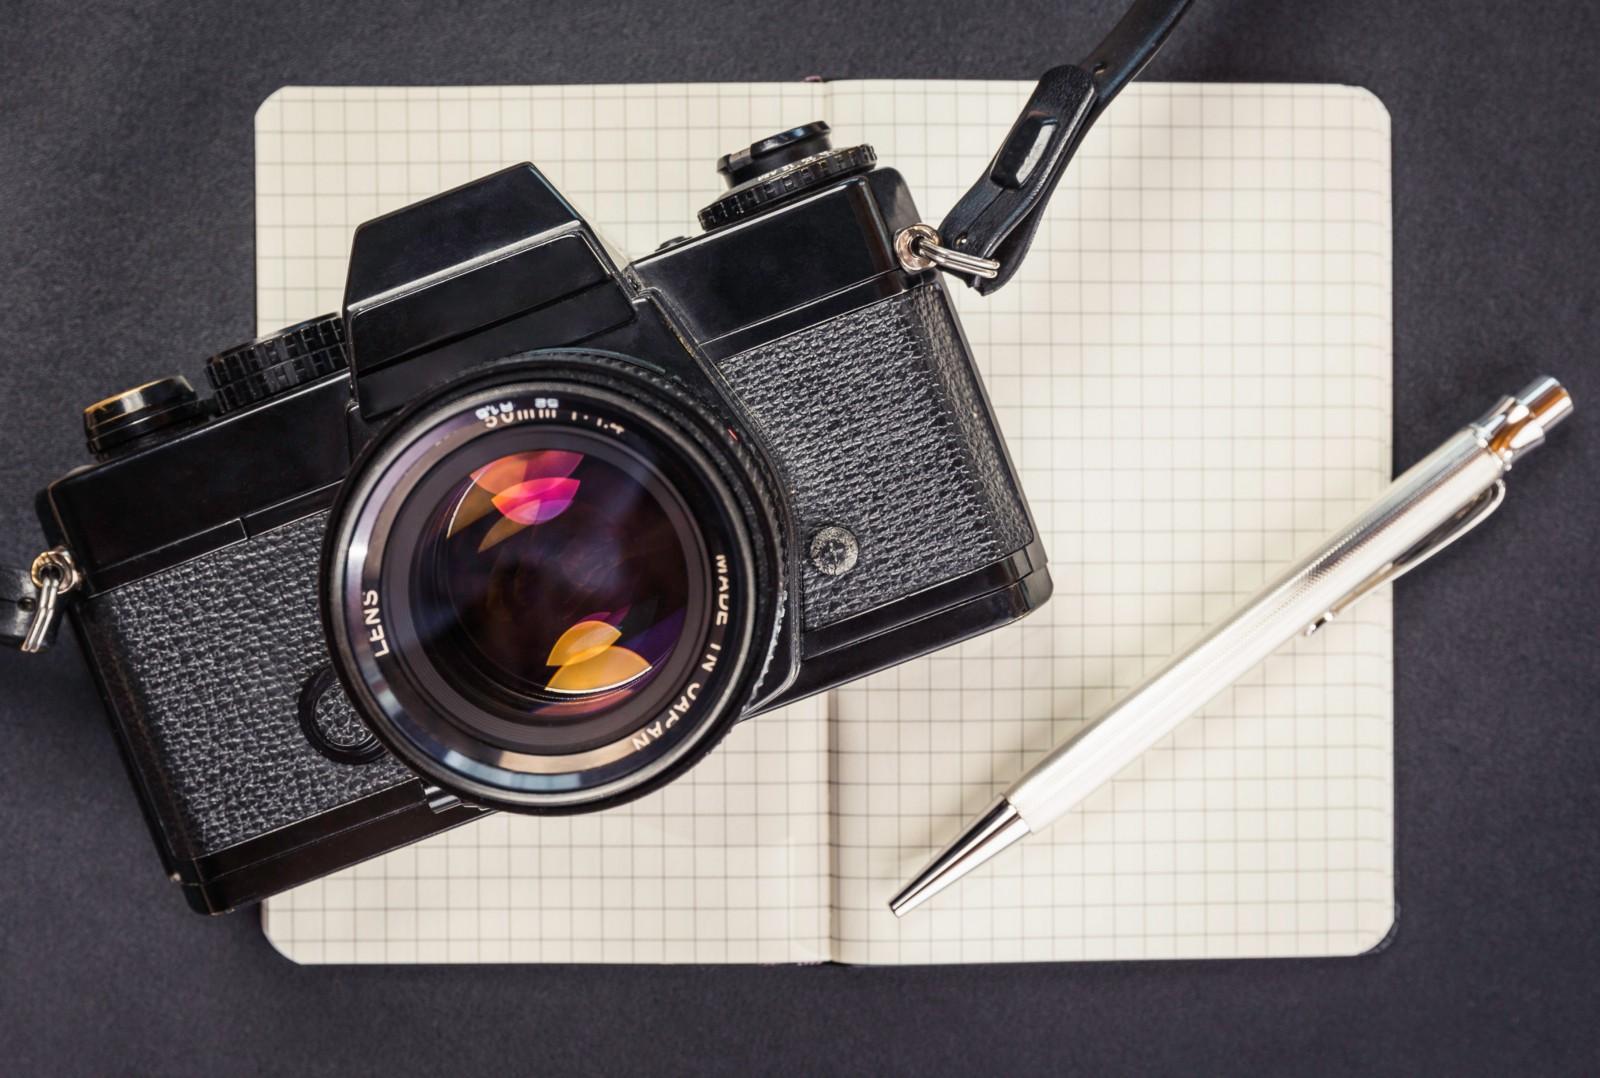 ۷ راهکار برای عکاسی از محصول برای صاحبان فروشگاه اینترنتی